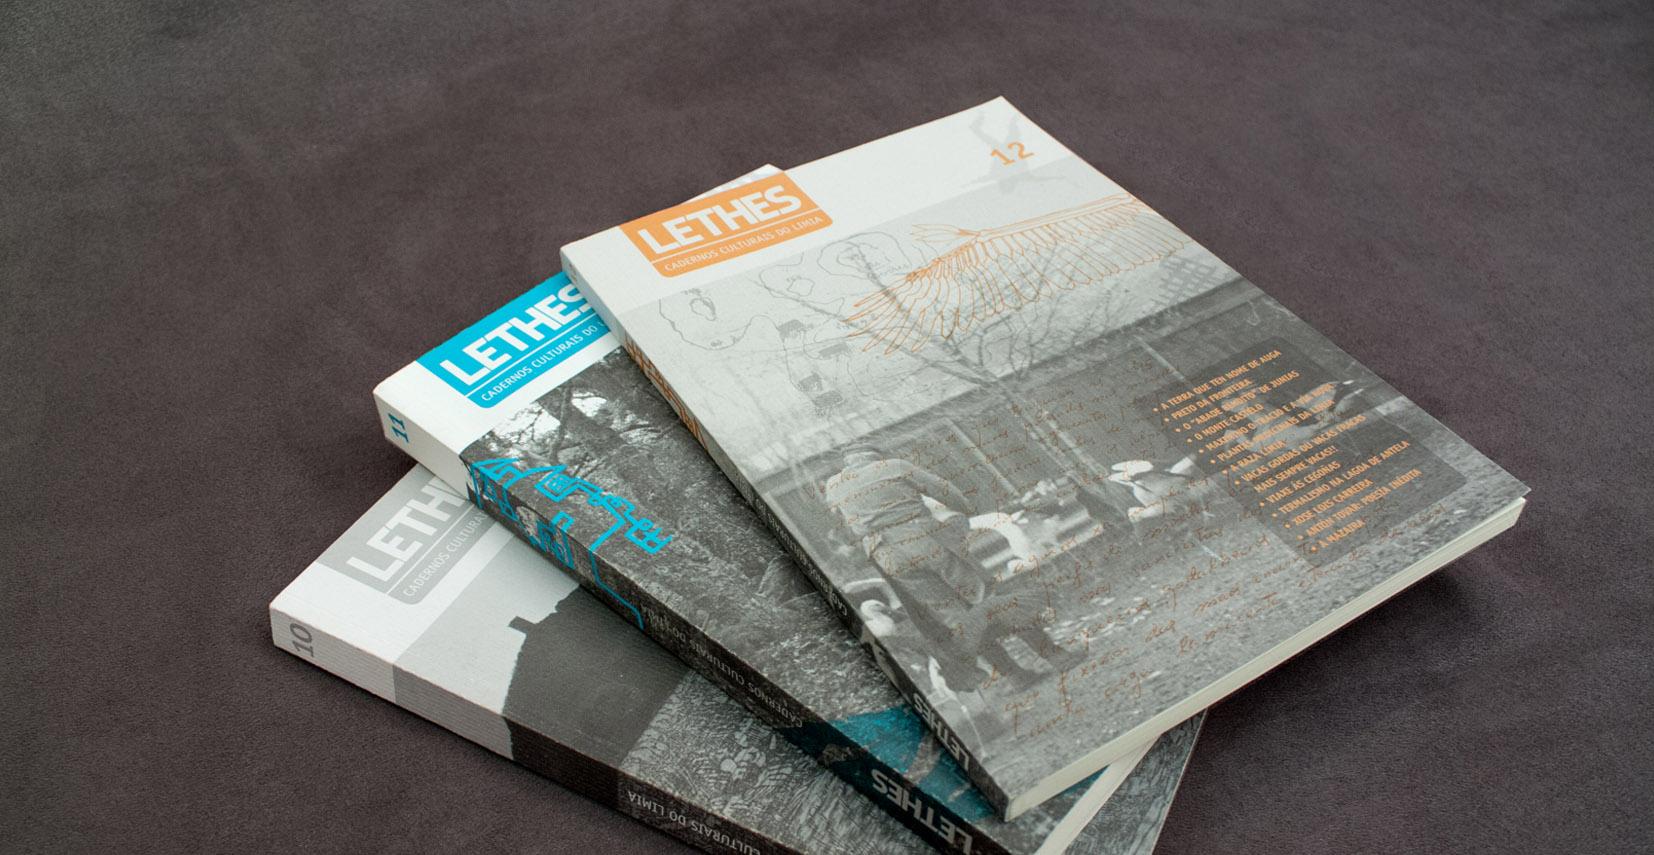 Proxecto Editorial Lethes 11